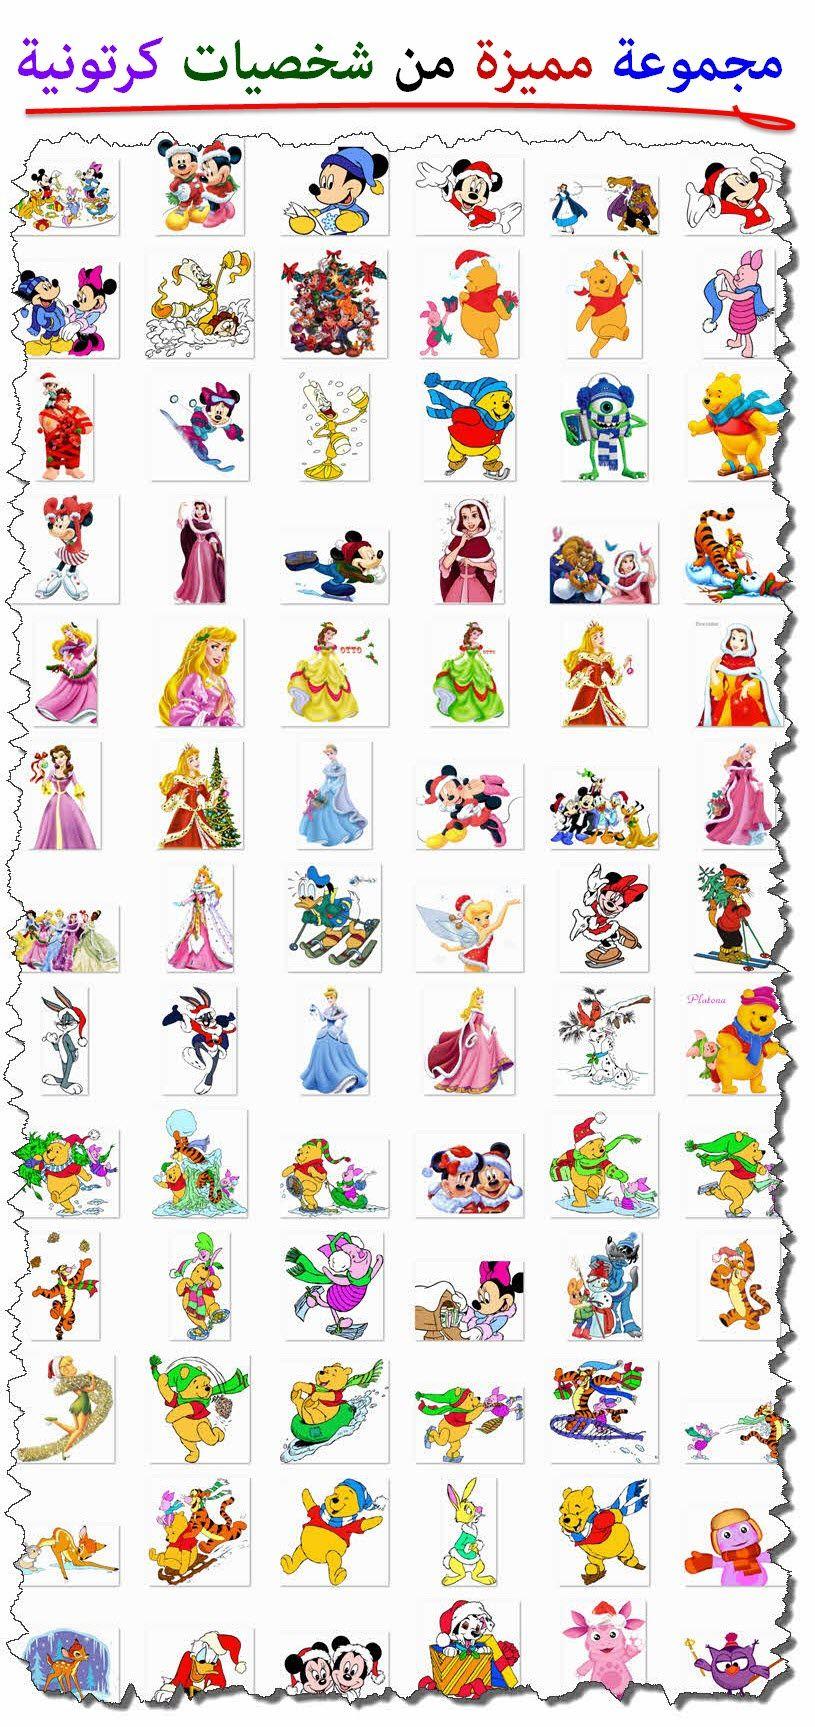 مجموعة شخصيات كرتونية بخلفية شفافة تصميم قصص الاطفال تصميم وسائل تعليمية